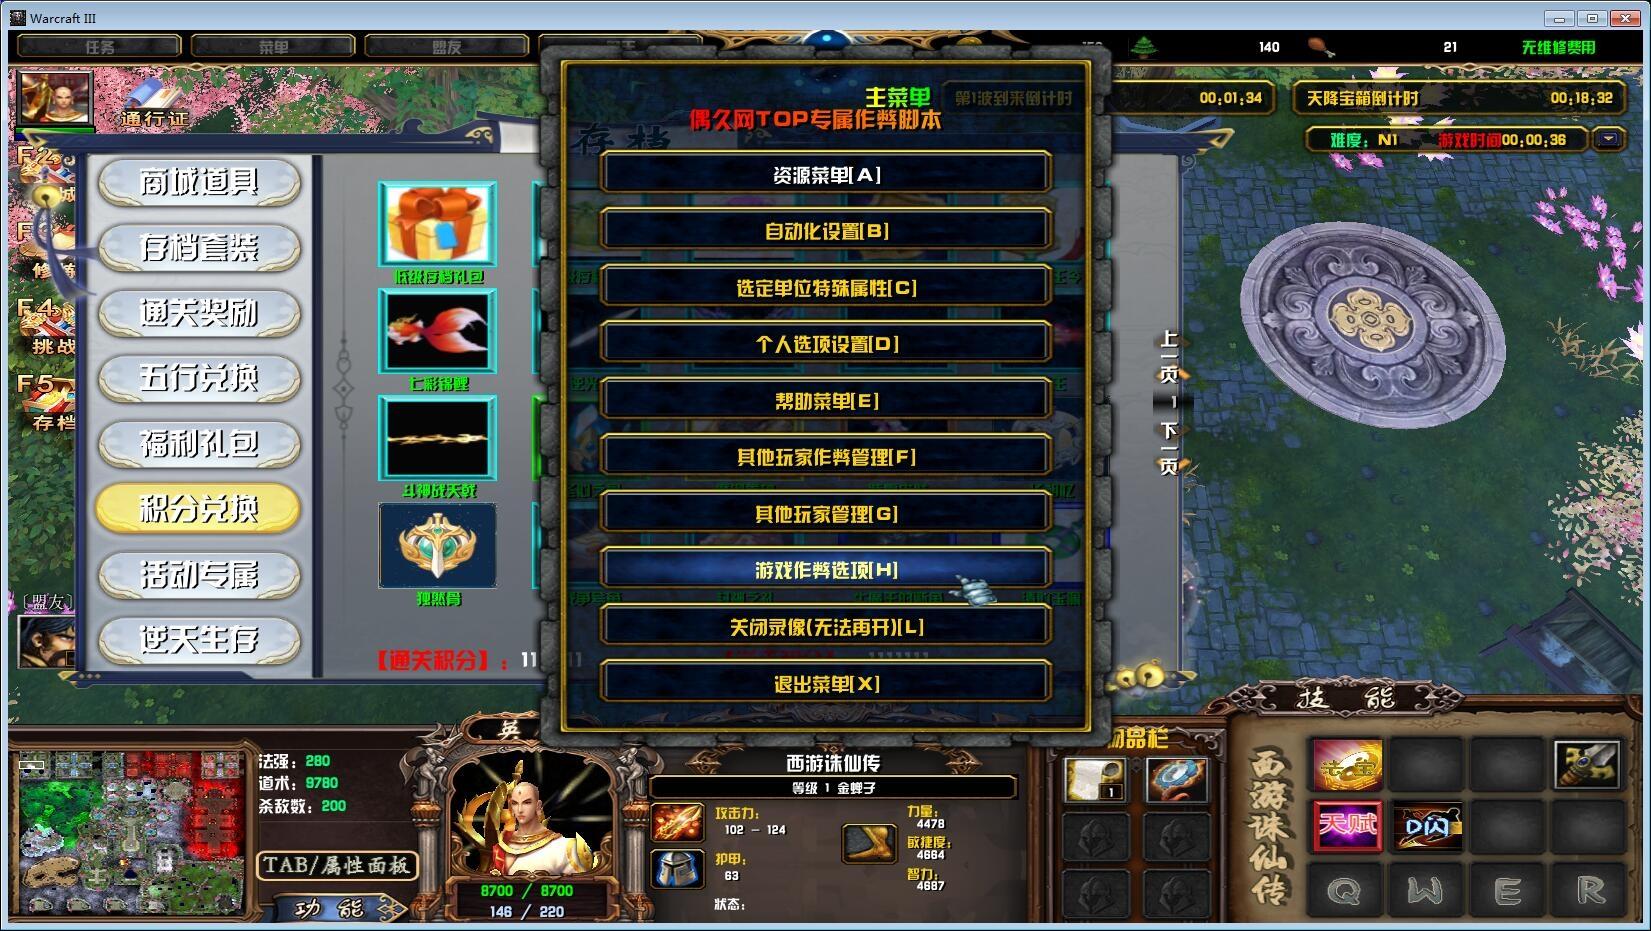 西游诛仙传1.2.8TOP破解 解锁全英雄+全商城特权+存档通关道具+超神话混沌珠+刷物品